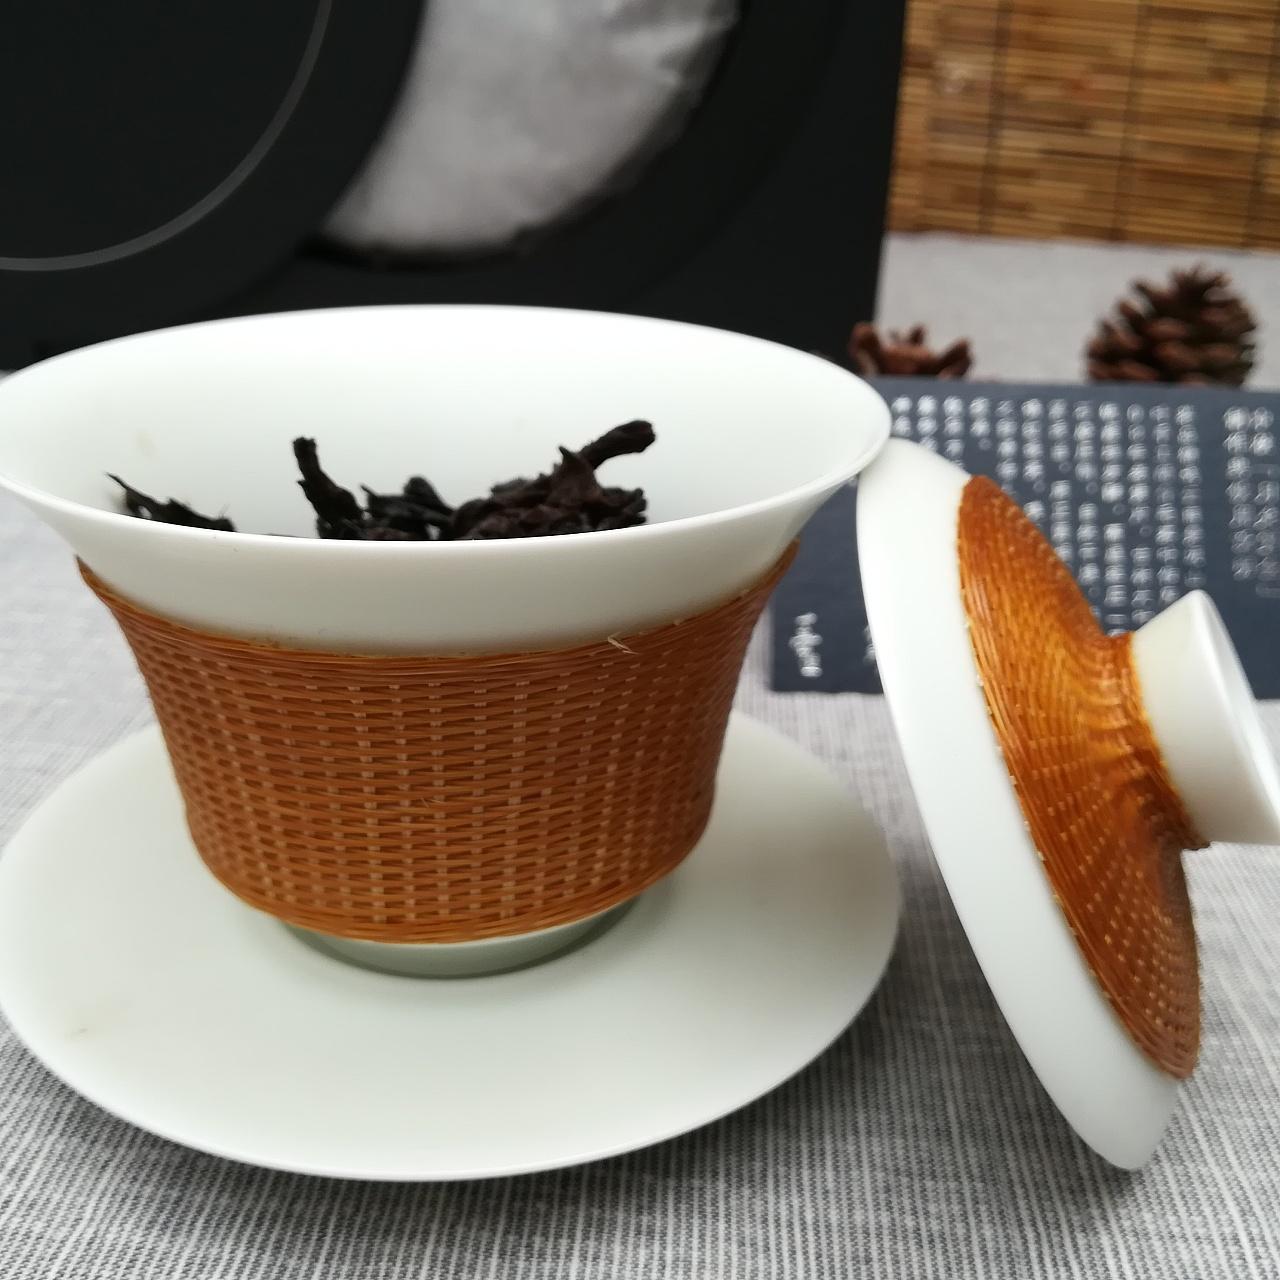 中秋 月 茶(下)图片